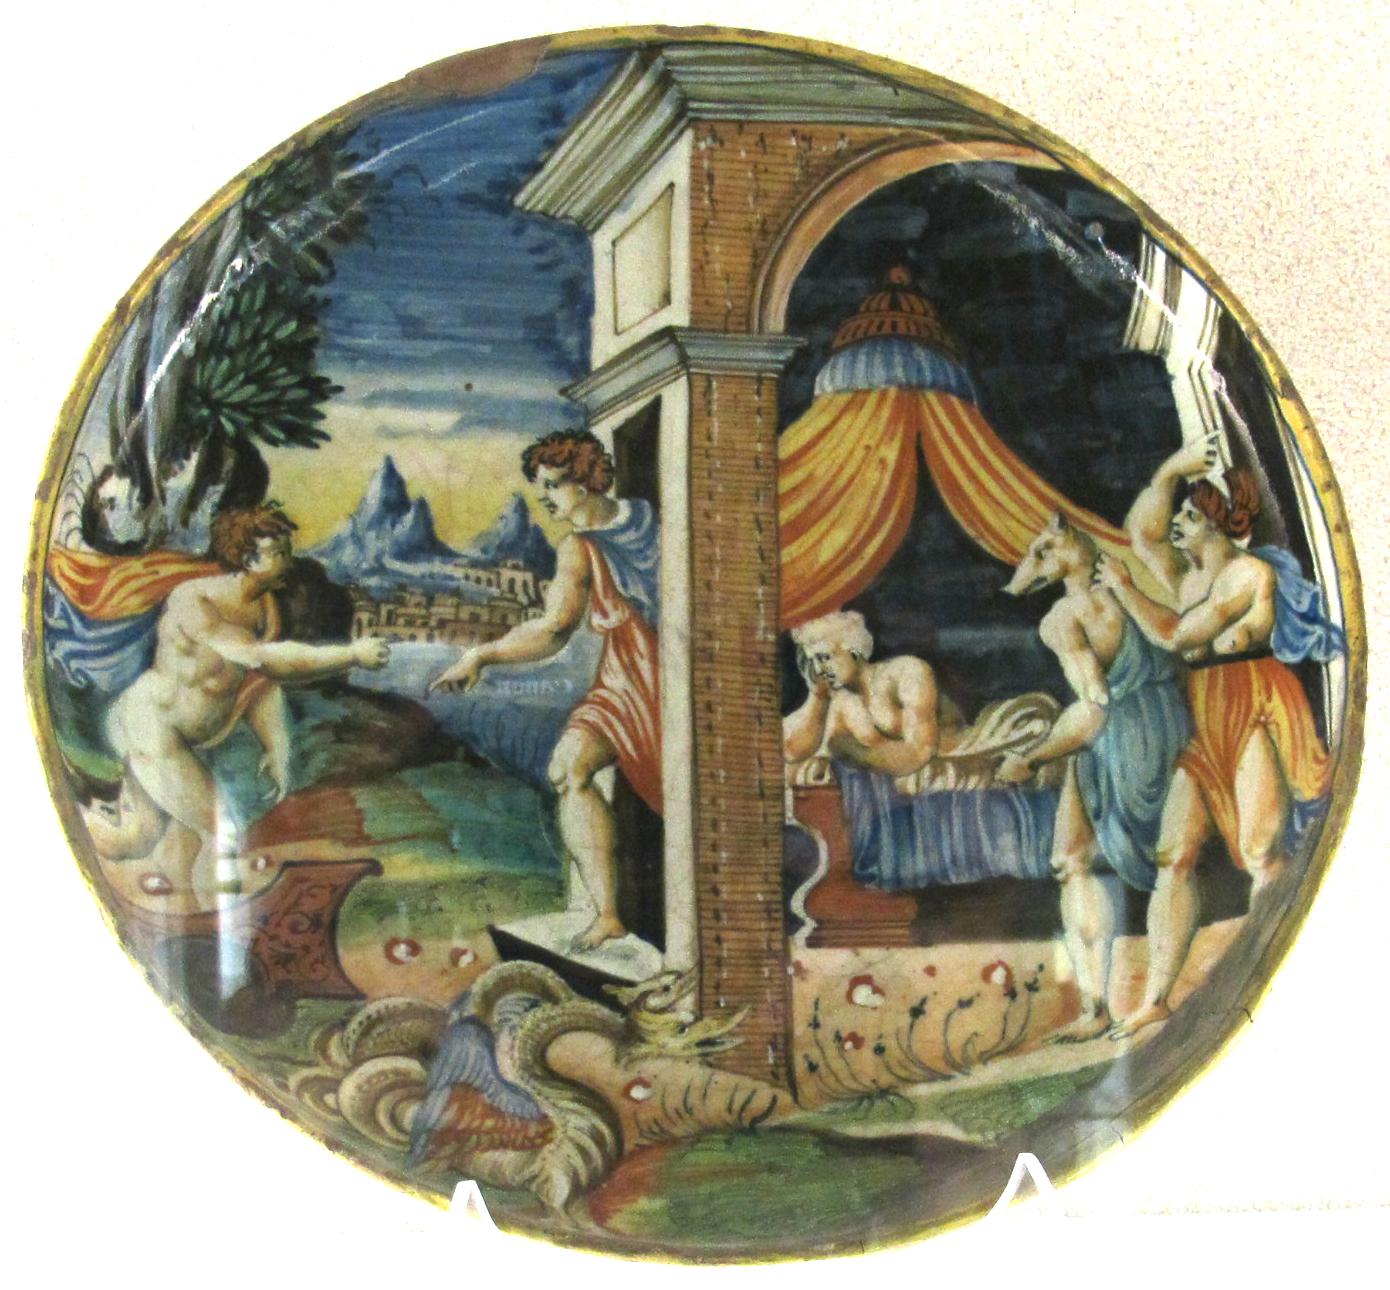 Merlino Bottega D Arte file:urbino, bottega di guido da merlino, trittolemo e linco